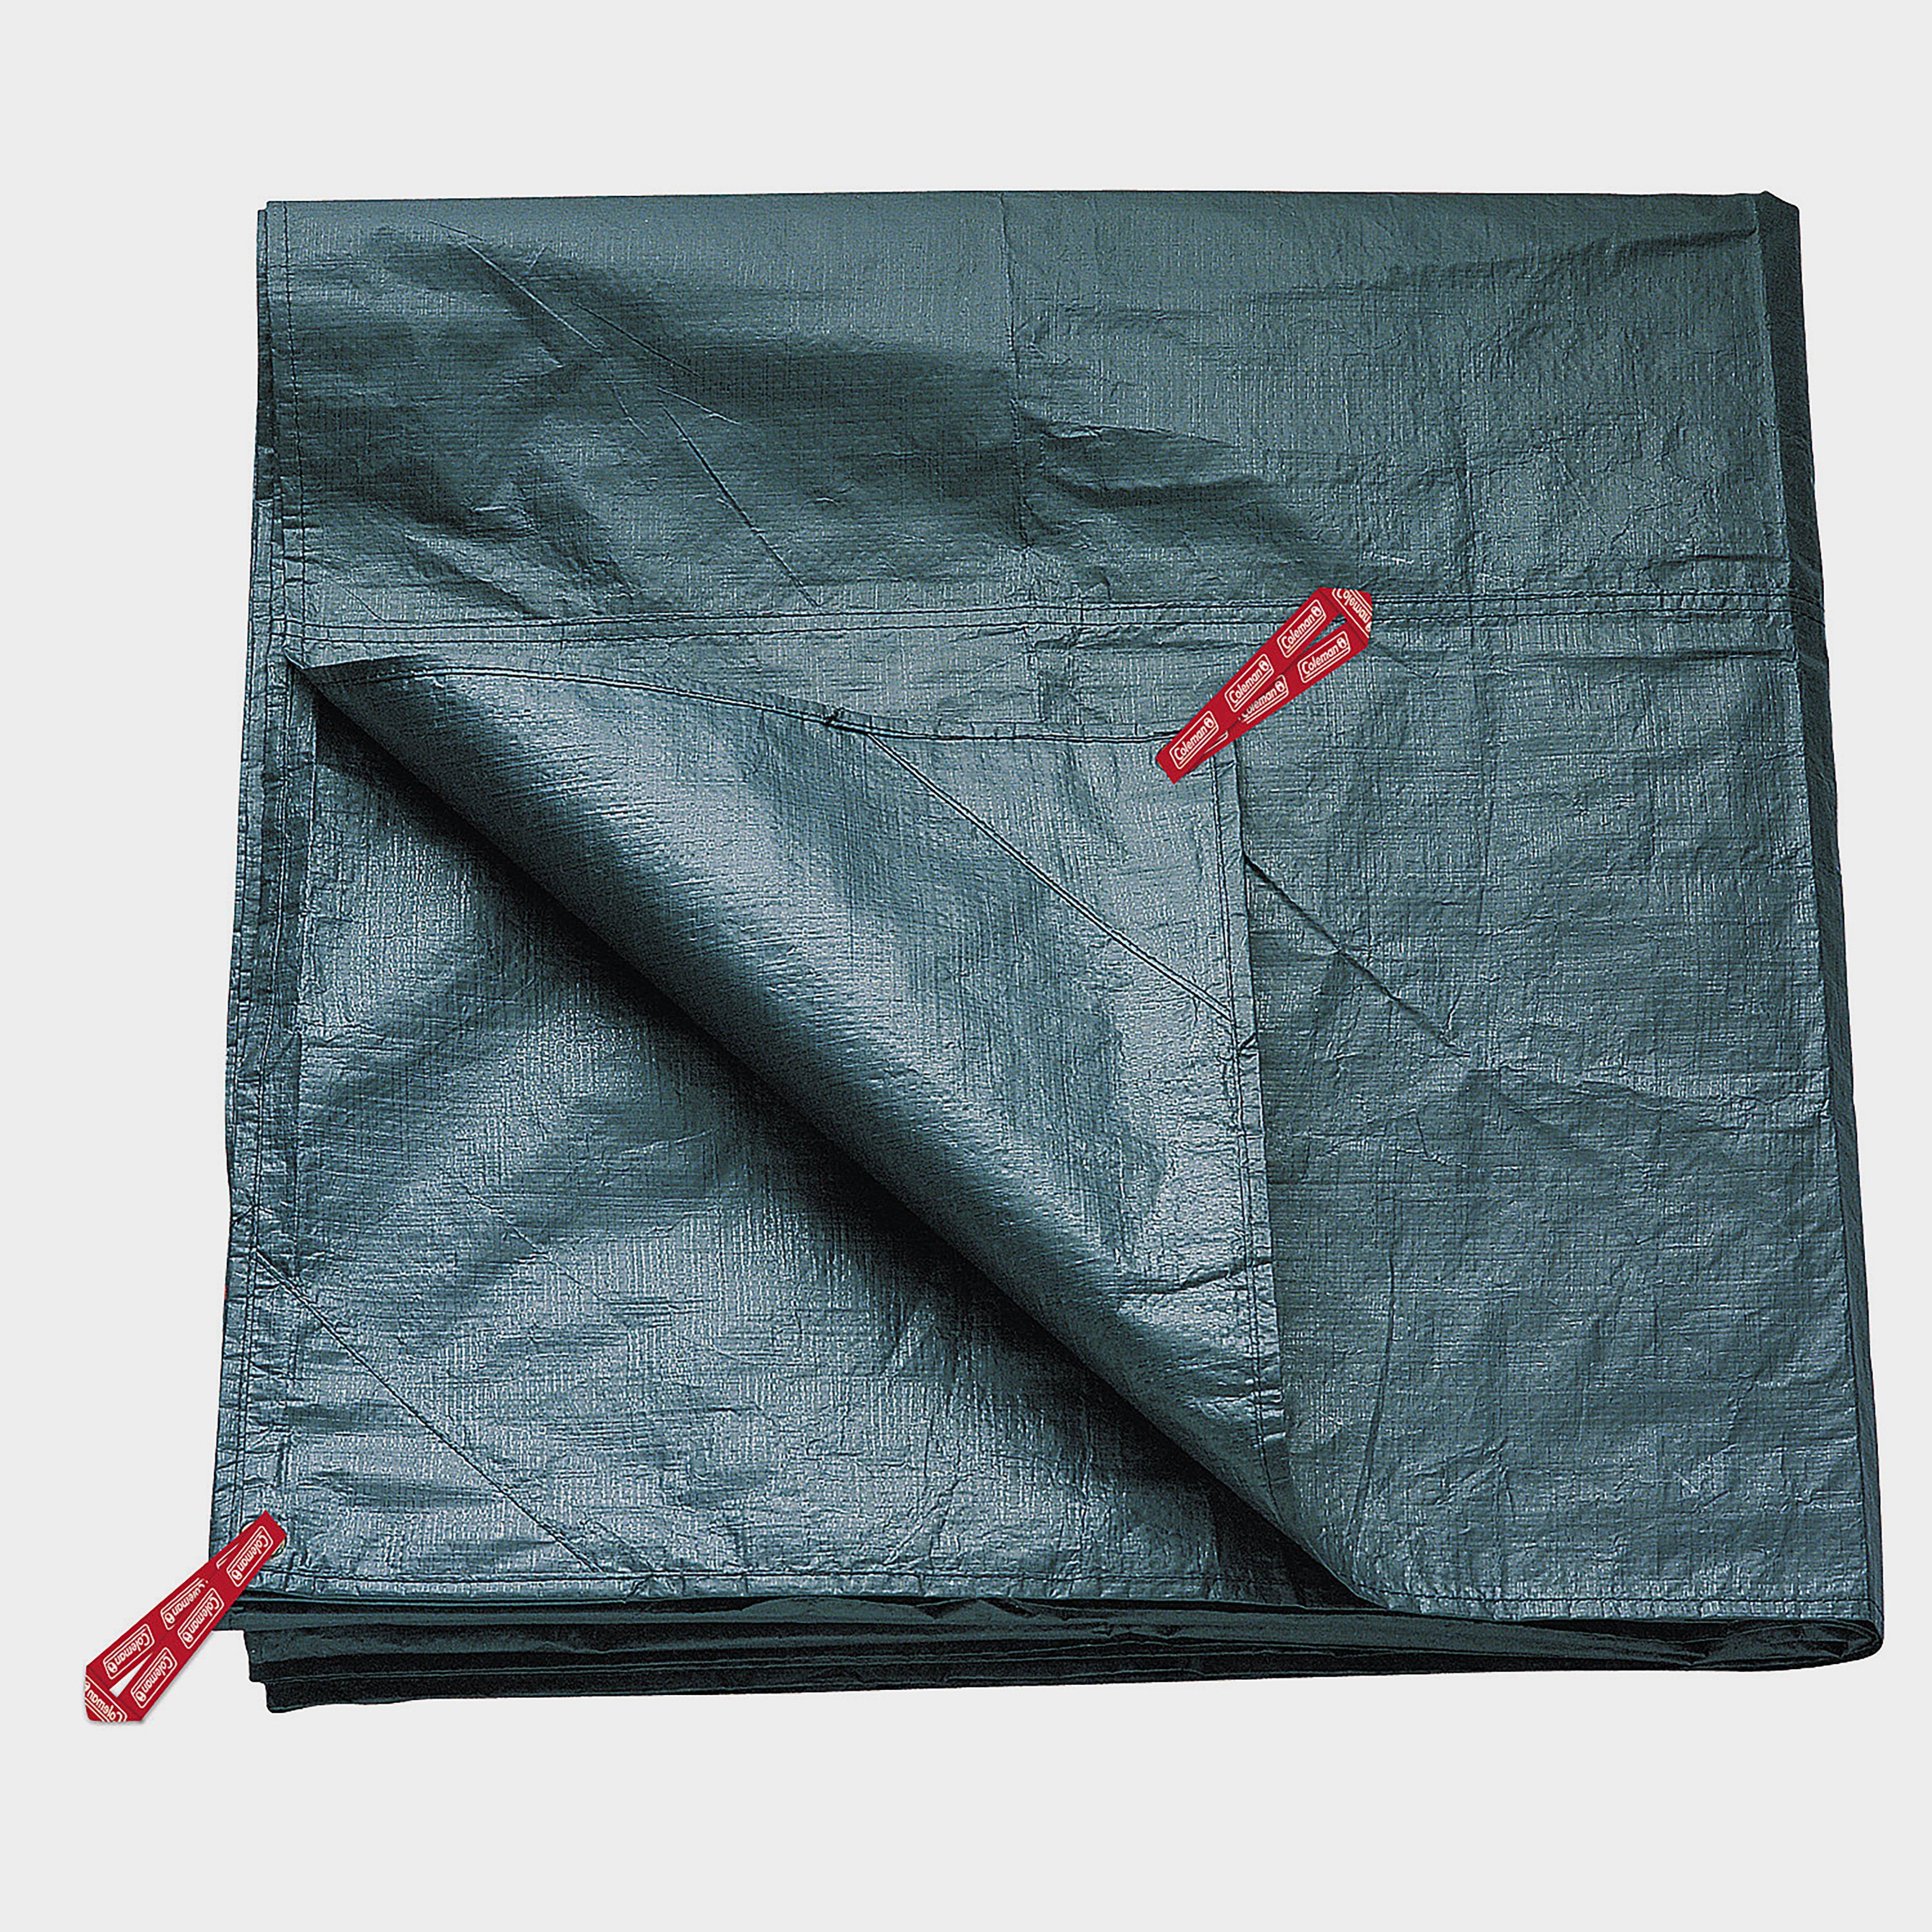 Coleman Tent Footprint 4 - Blk/blk  Blk/blk